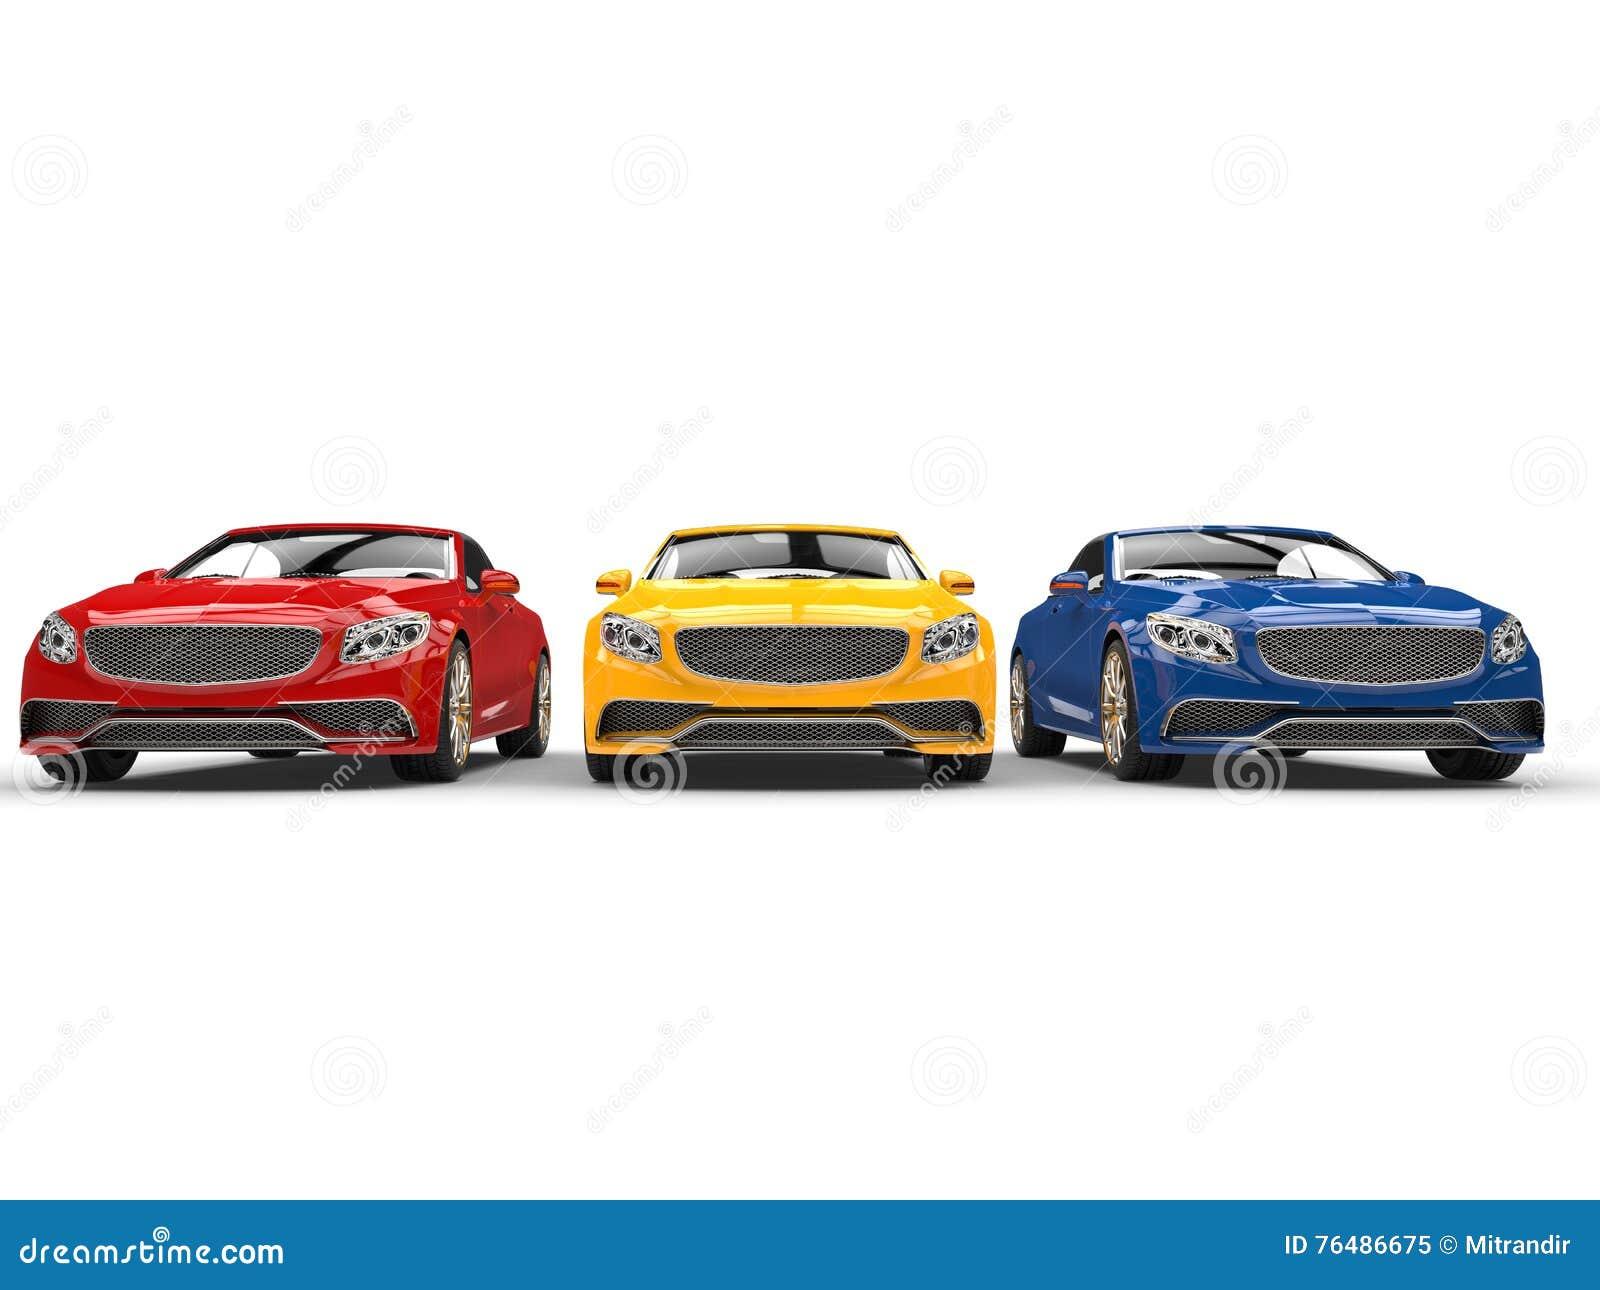 Carros modernos - cores preliminares